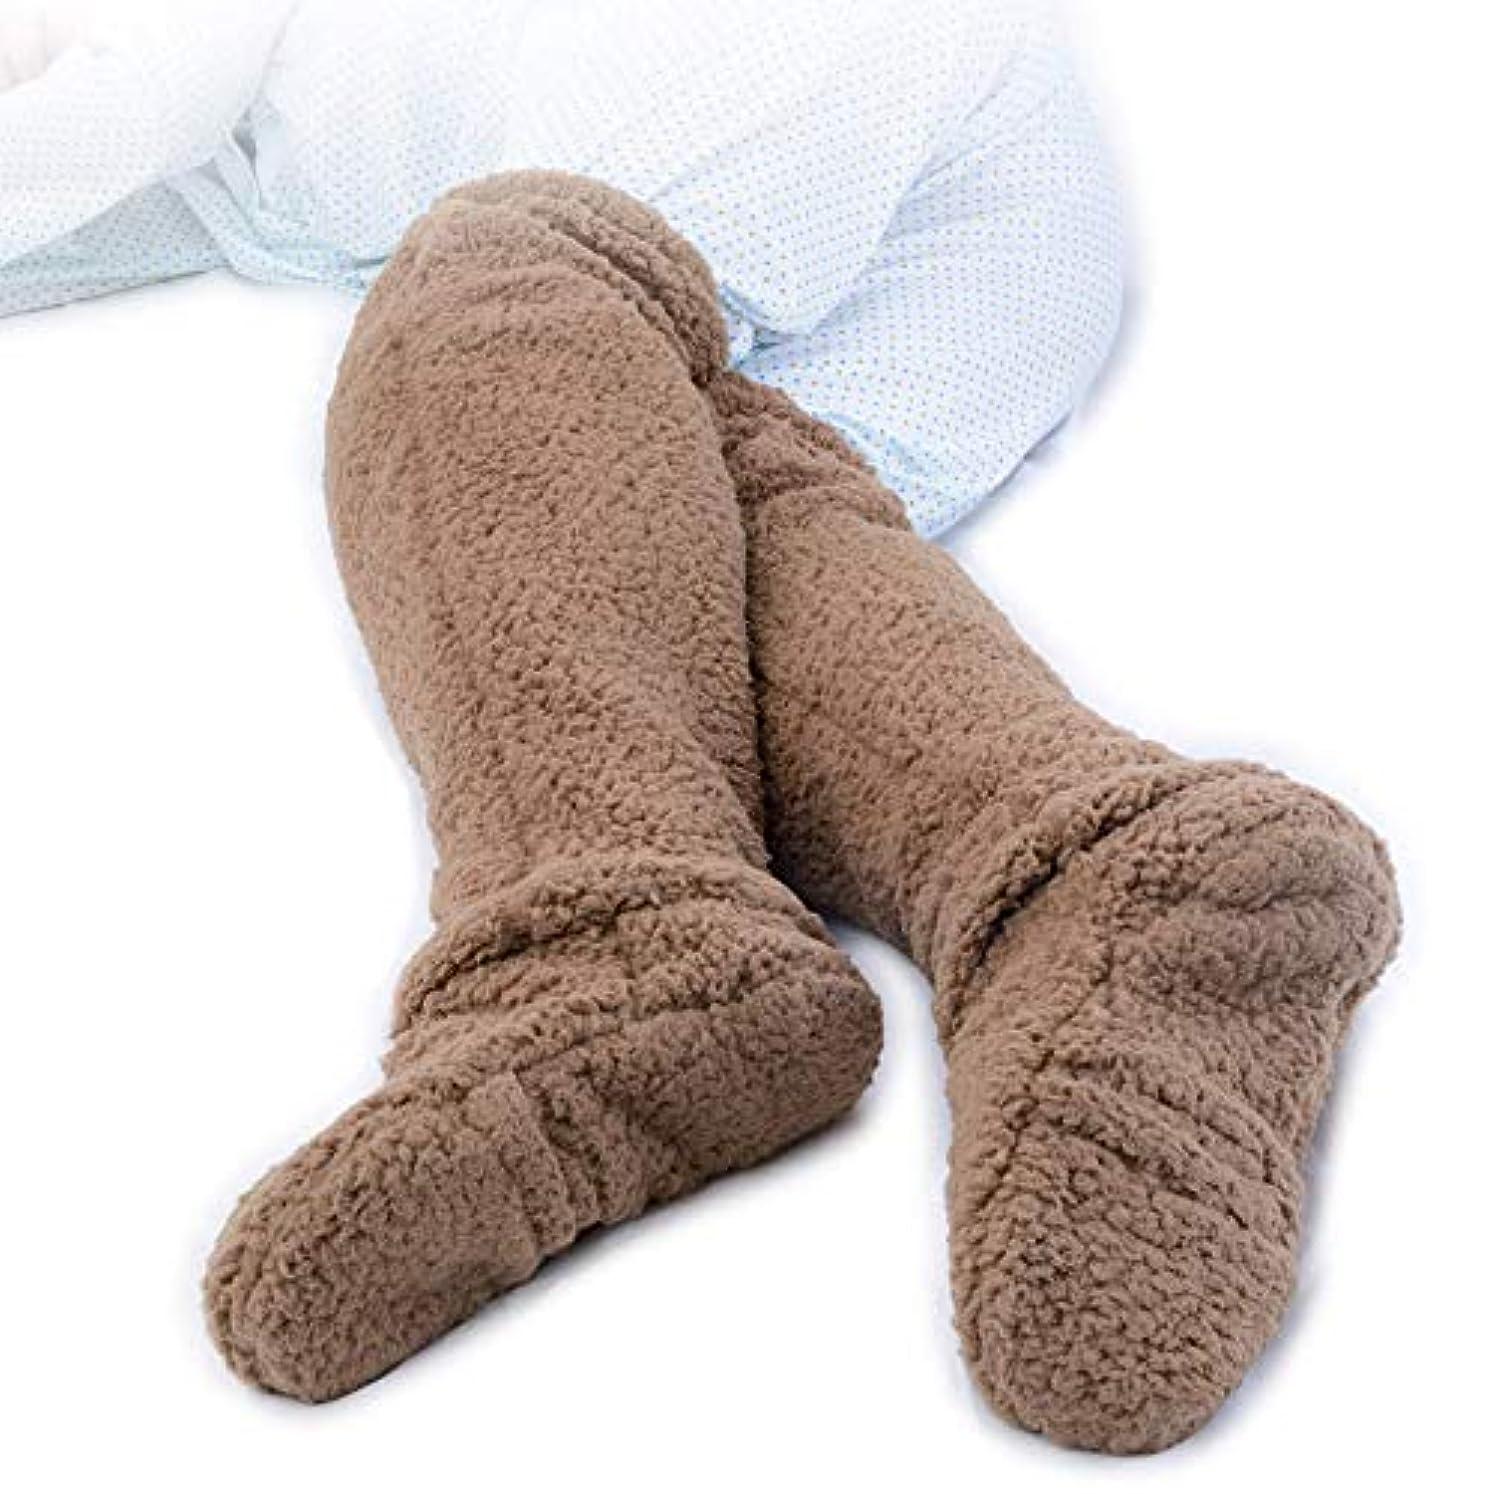 粘着性慎重ネックレスヒートソックス,Enteriza 極暖 防寒 足が出せるロングカバー あったかグッズ ルームシューズ 男女兼用 2重フリース生地 室内履き 軽量 洗える